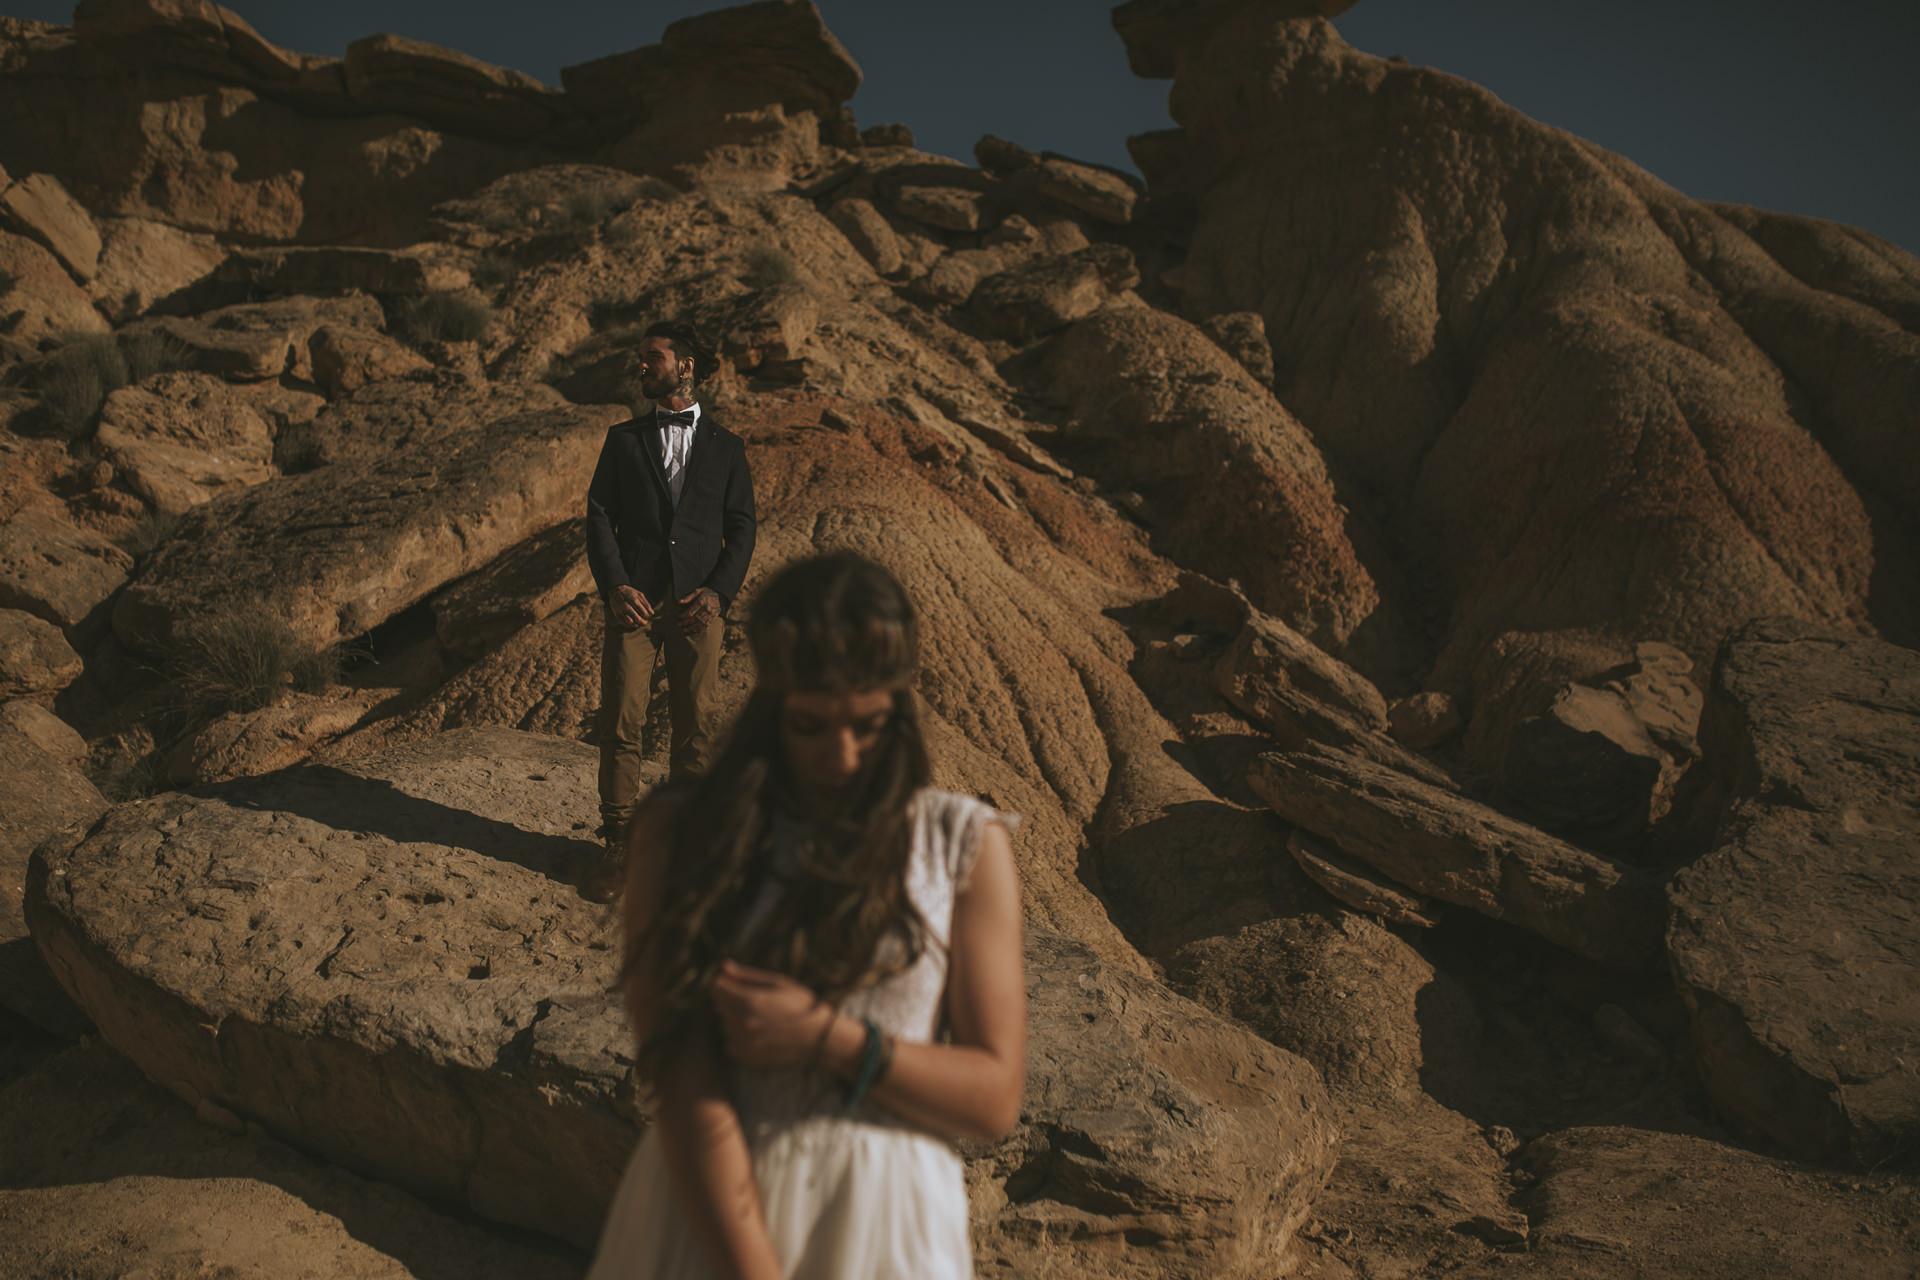 steven bassilieaux photographer sud ouest bordeaux bergerac dodogne elopement Bardeans desert espagne spain espana mariage wedding_-7.jpg